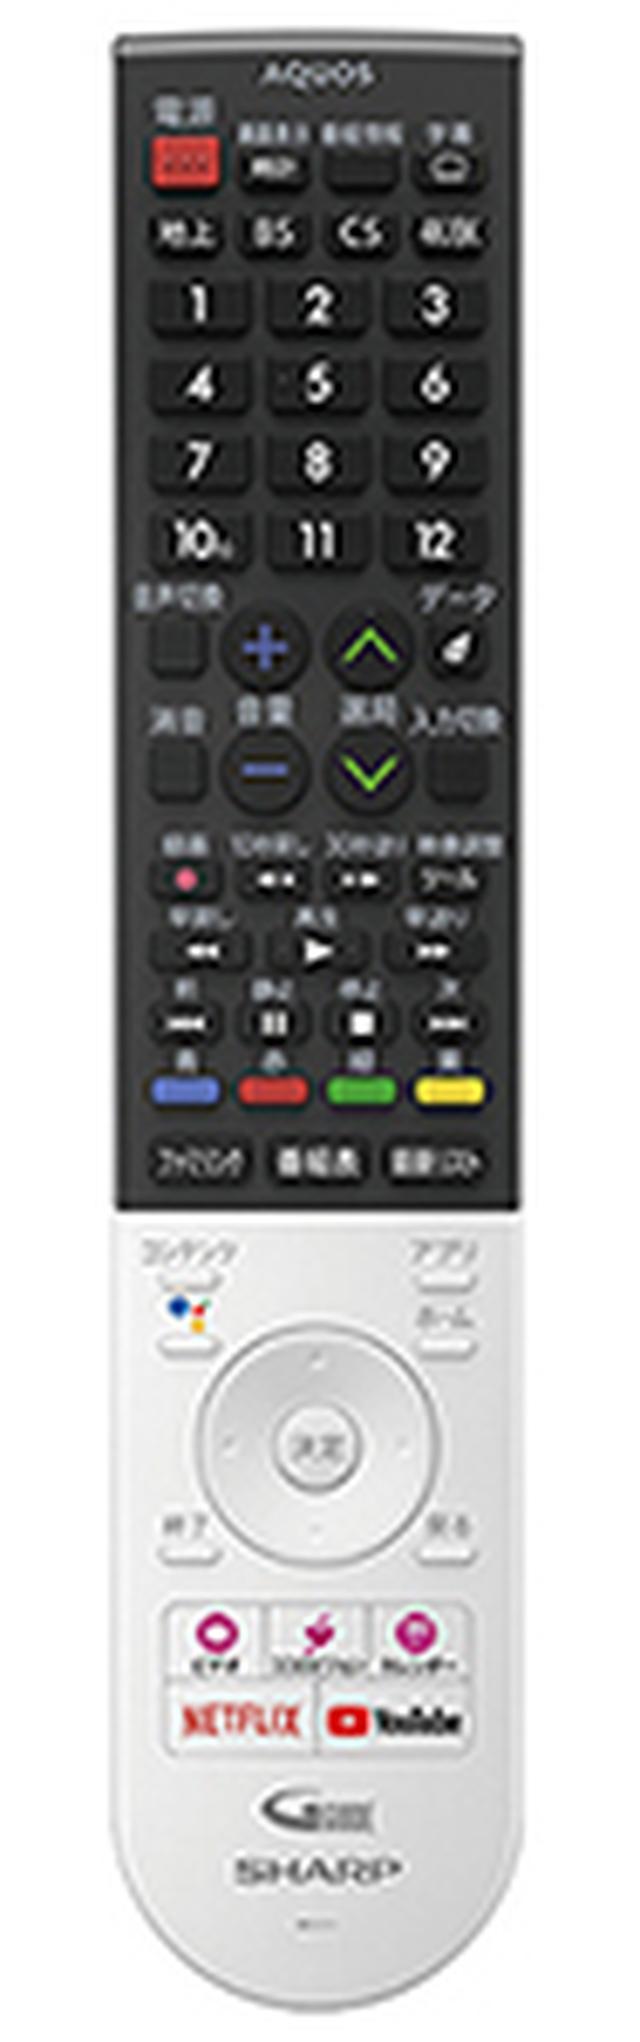 画像: 視聴中の裏番組や録画番組、ネット動画をリストで表示し、そのまま選択できる「コンテンツ」ボタンが便利。